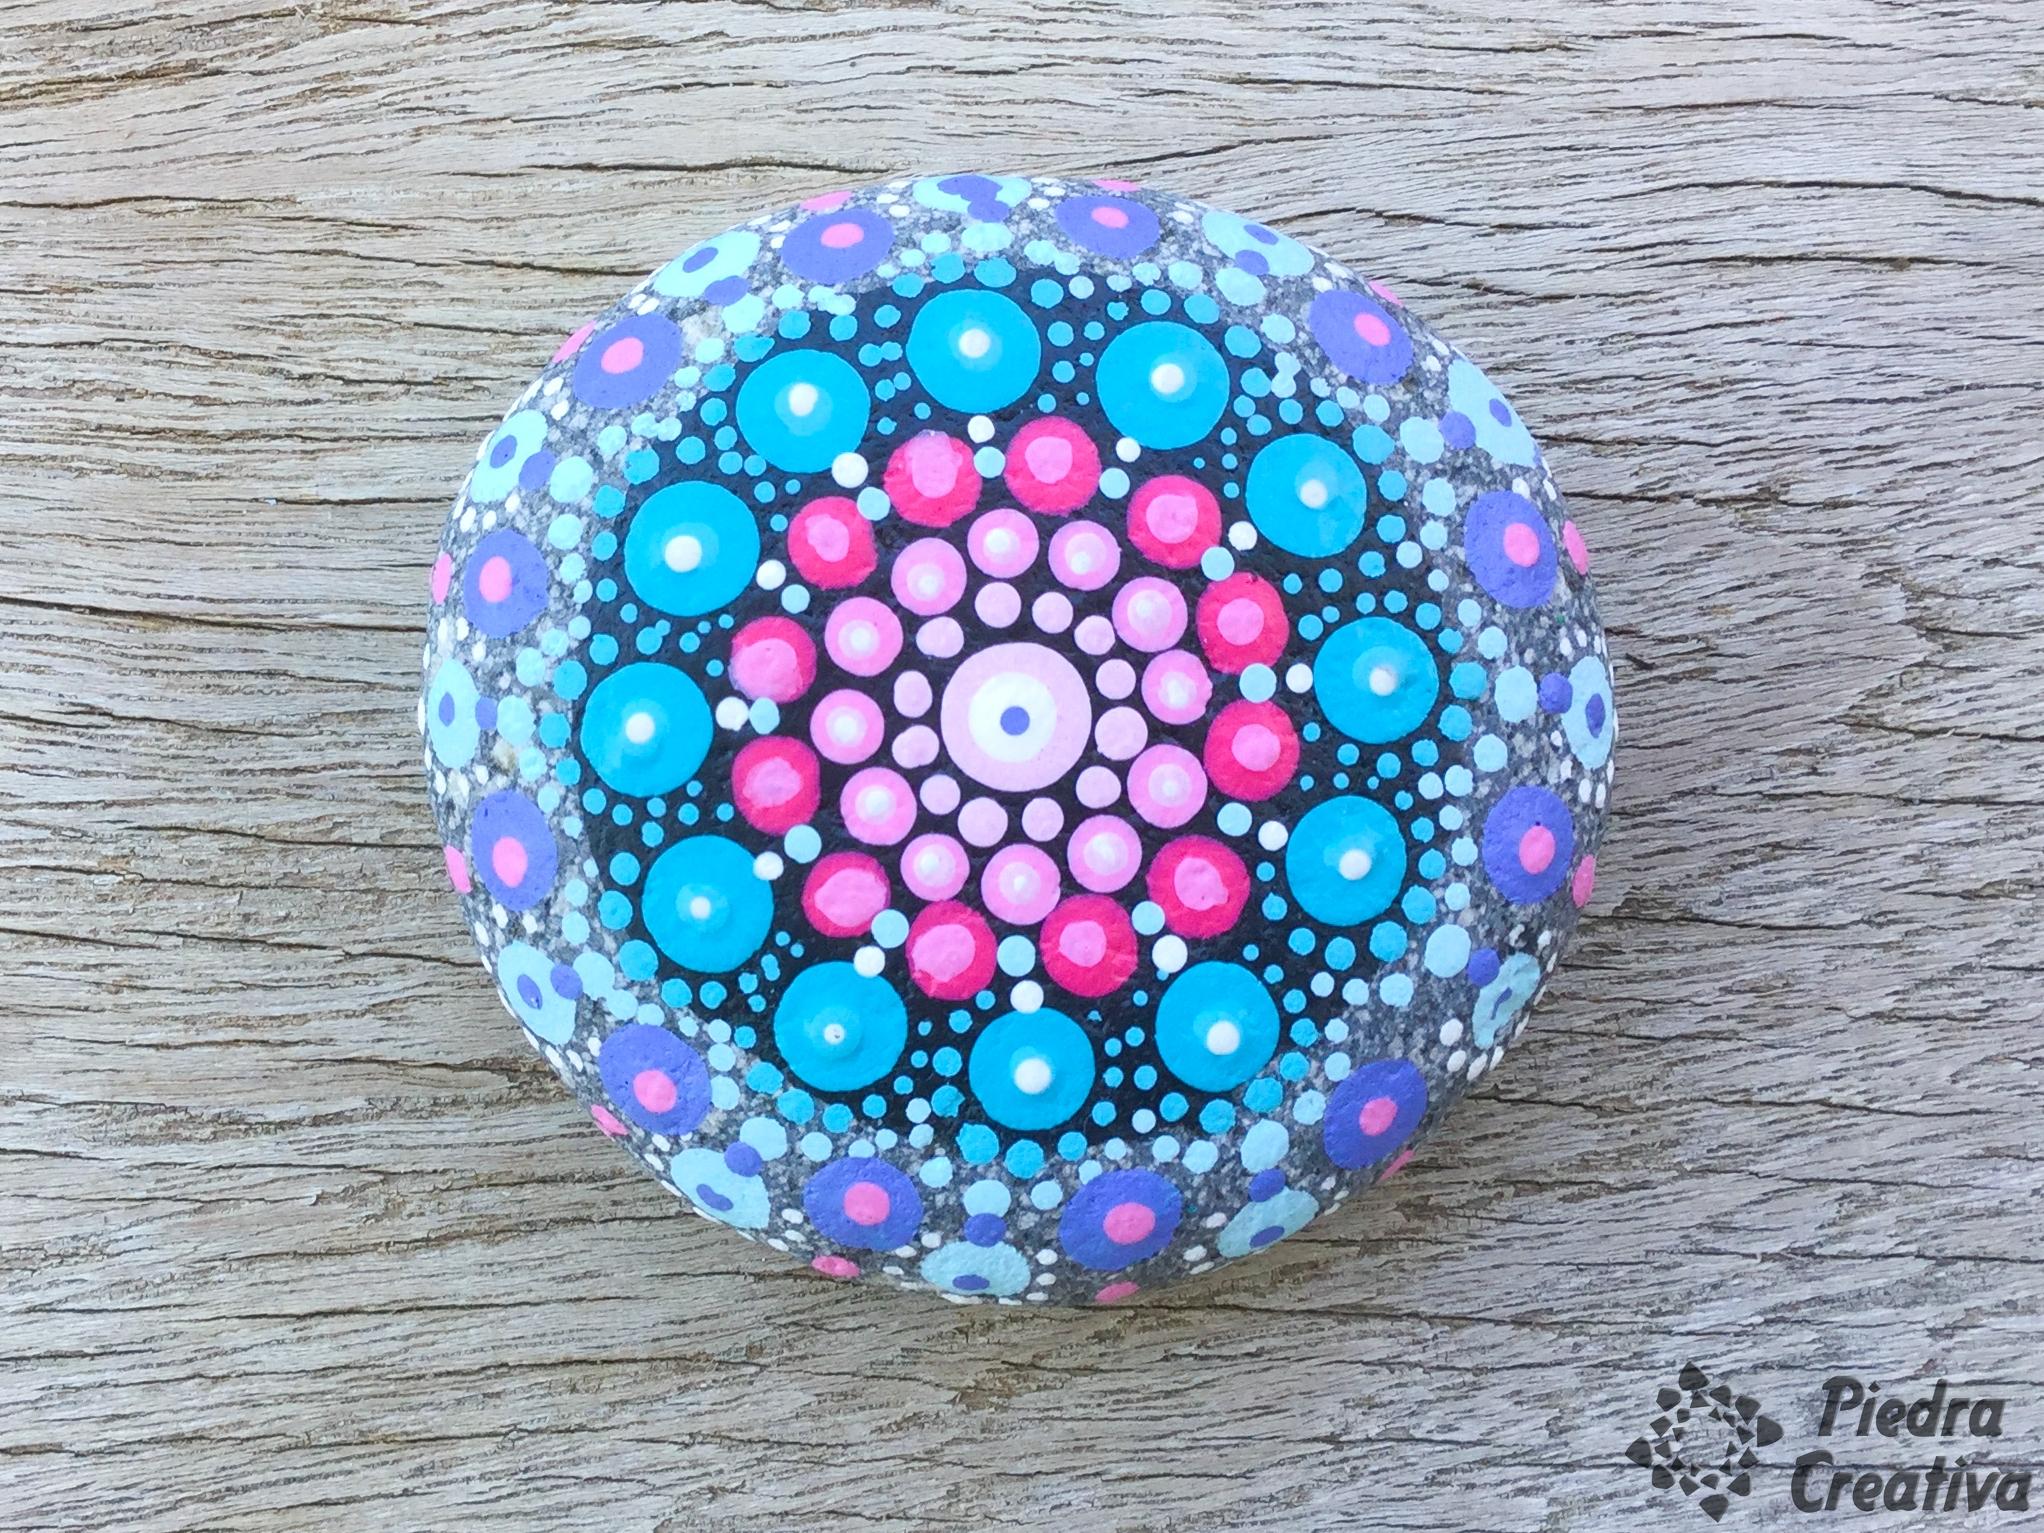 Mandalas su significado y poder for Dibujo de una piedra para colorear